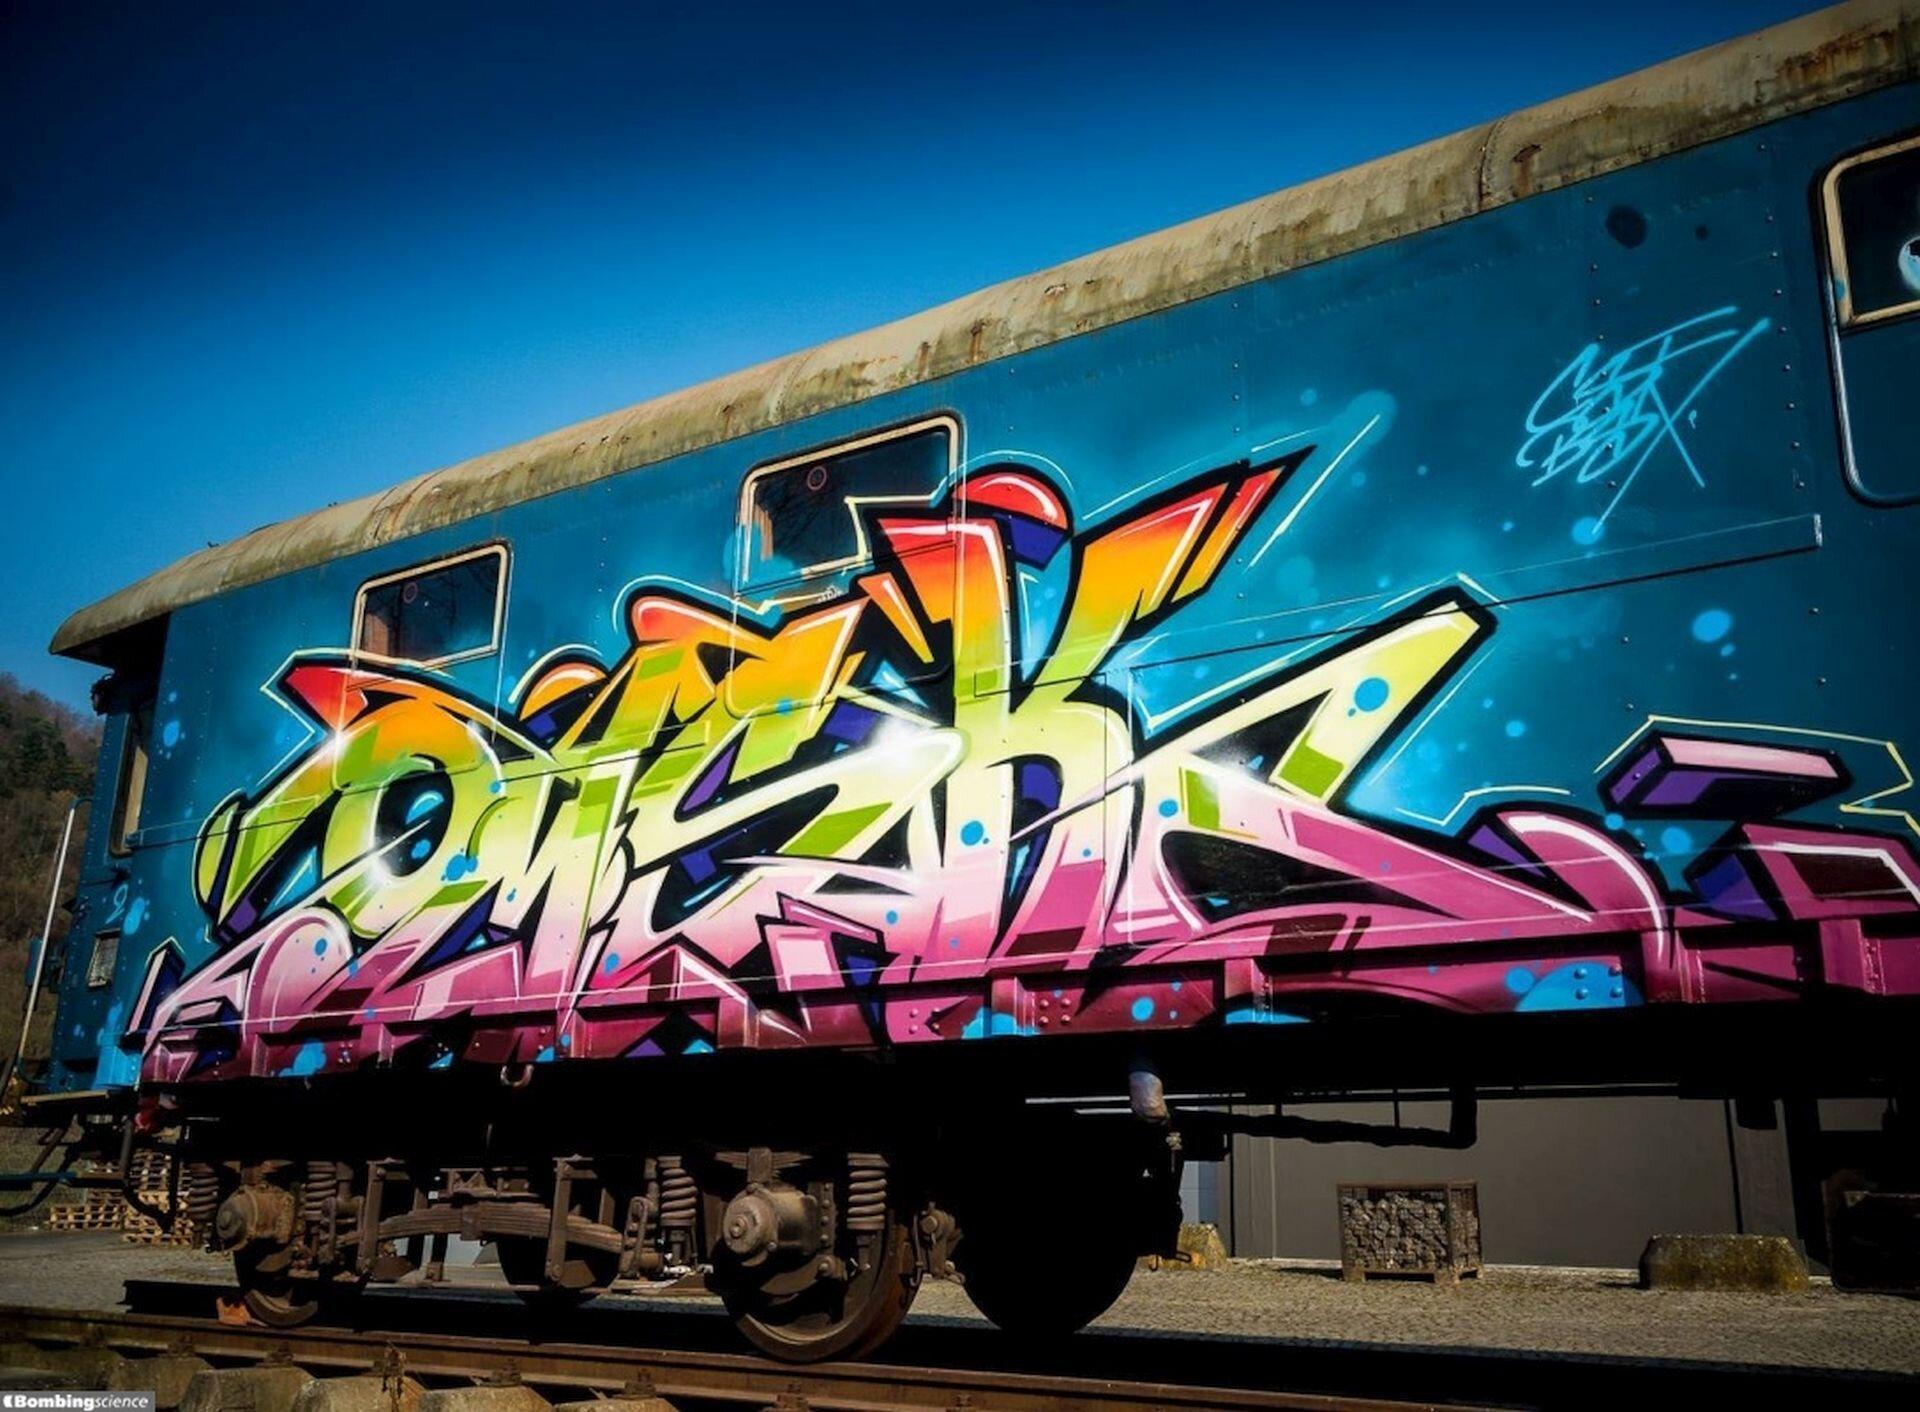 Ilustracja przedstawia graffiti namalowane na niebieskim wagonie. Jest to wielobarwny napis wkolorach: czerwonym, pomarańczowym, żółtym, zielonym, białym iróżowym otoczony czarnym konturem. Wtle rozciąga się niebieskie, bezchmurne niebo.